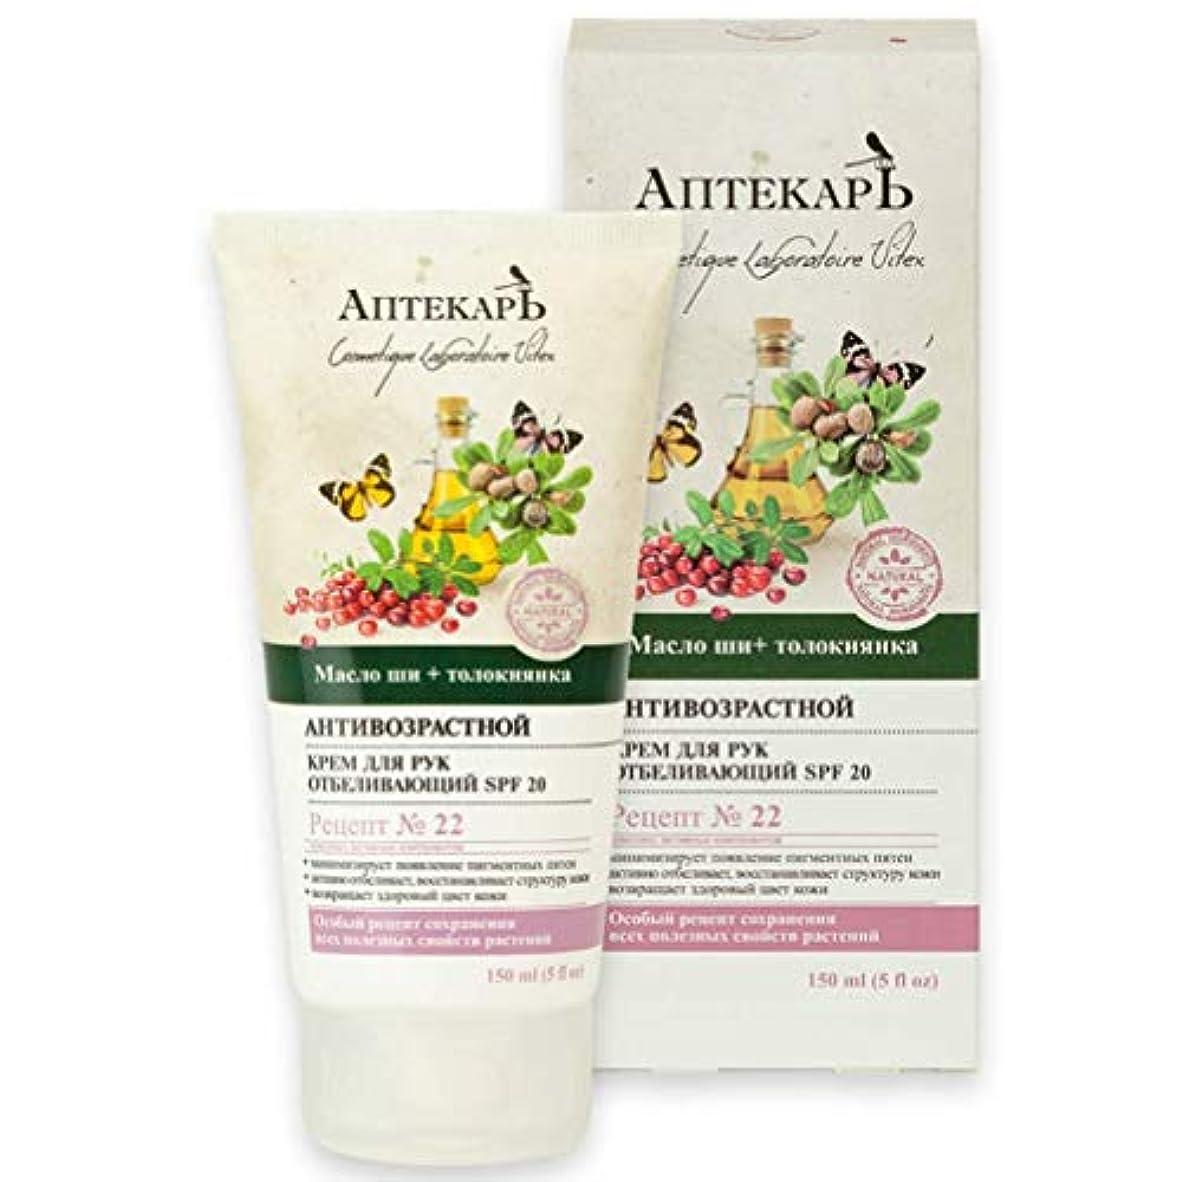 モナリザ写真を撮る脚Bielita & Vitex | Chemist Line | Whitening Hand Cream | SPF 20 | Arctostaphylos Uva-ursi | Butyrospermum Parkii...